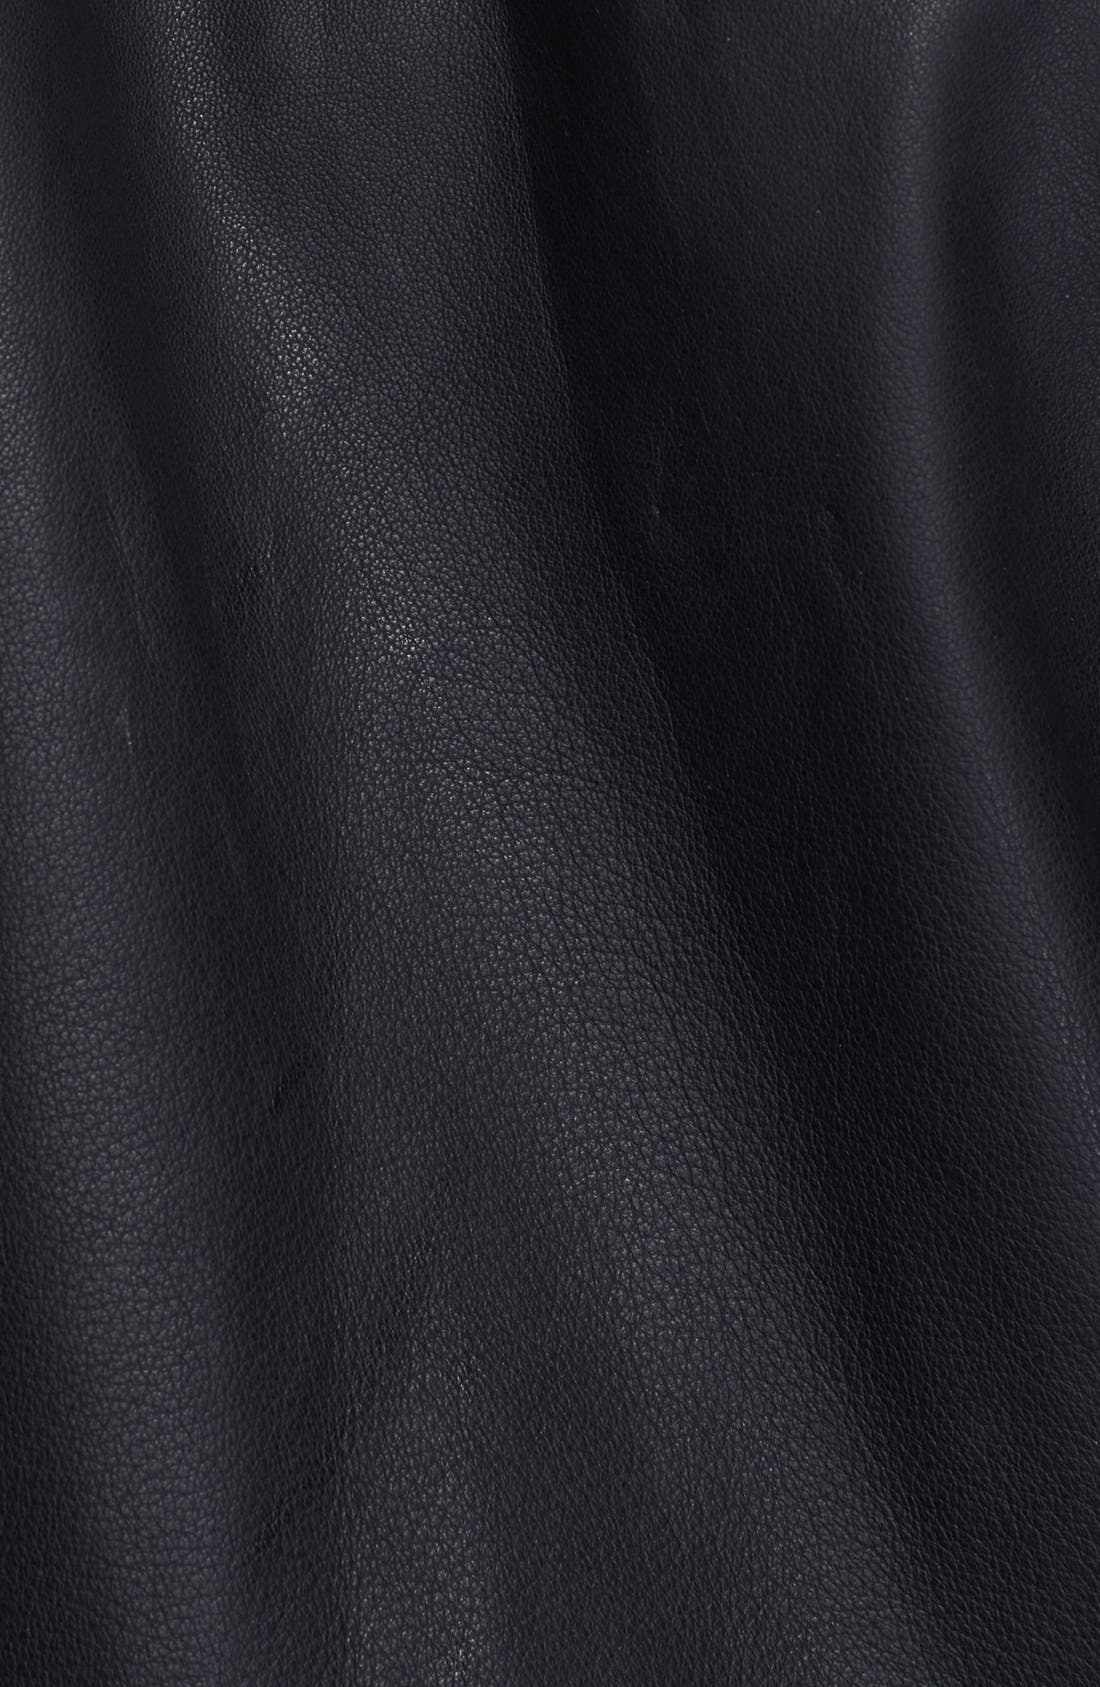 Alternate Image 3  - Elizabeth and James 'Erwan' Leather Jacket